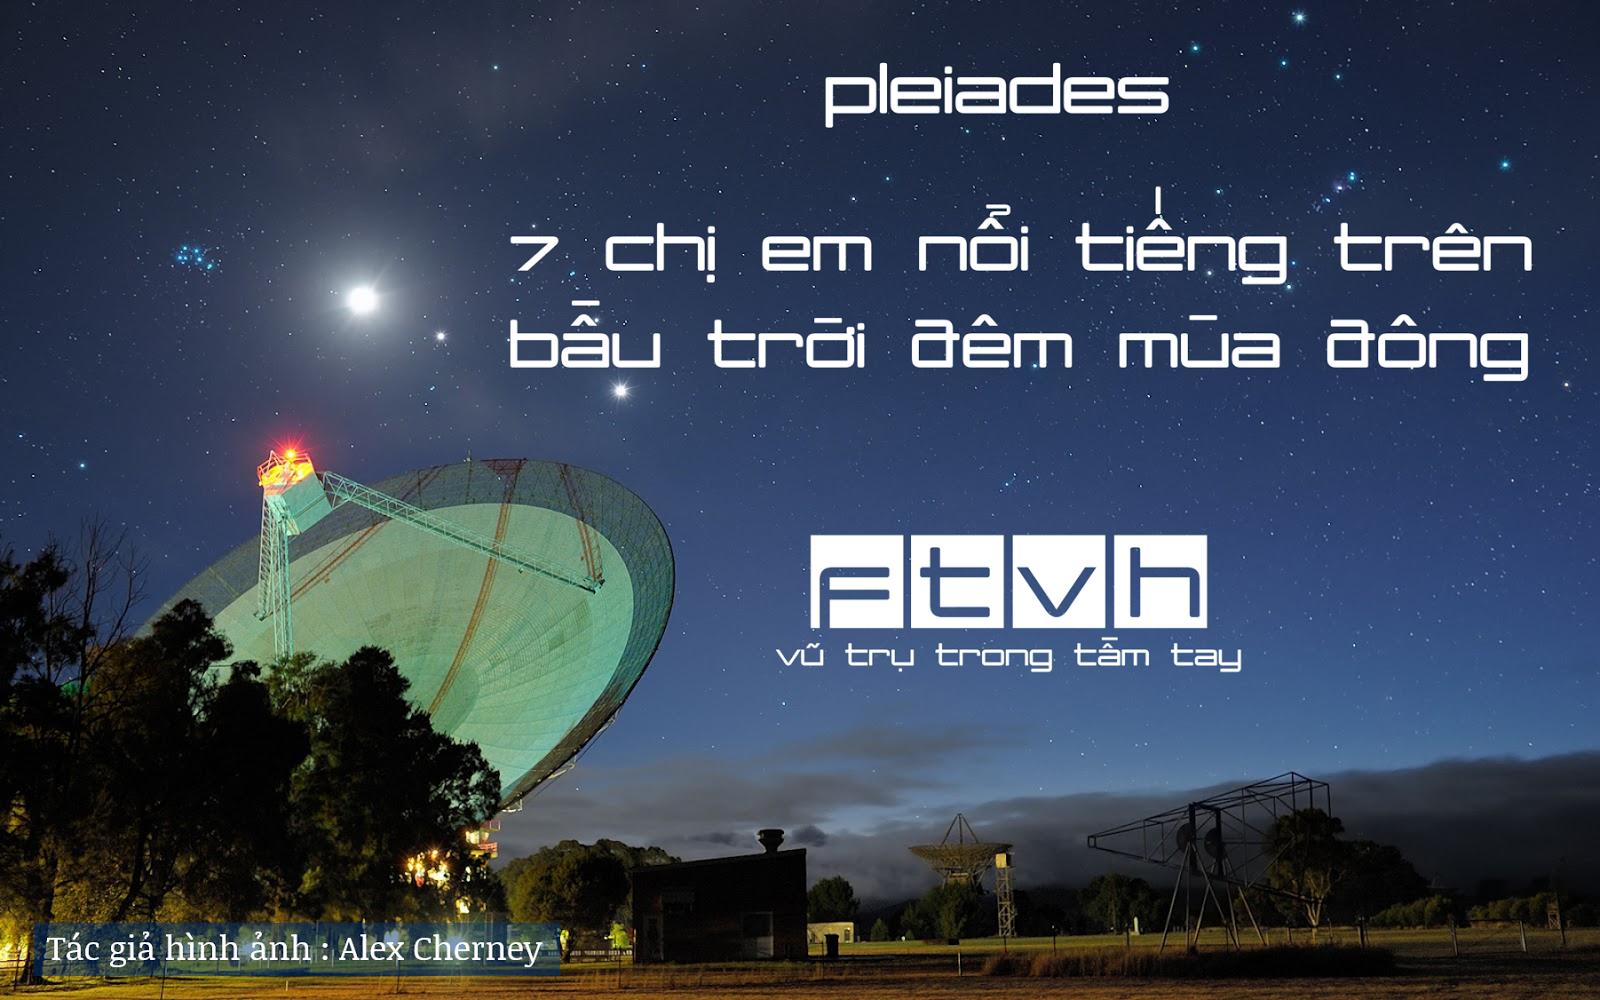 Pleiades - 7 chị em nổi tiếng trên bầu trời đêm mùa đông